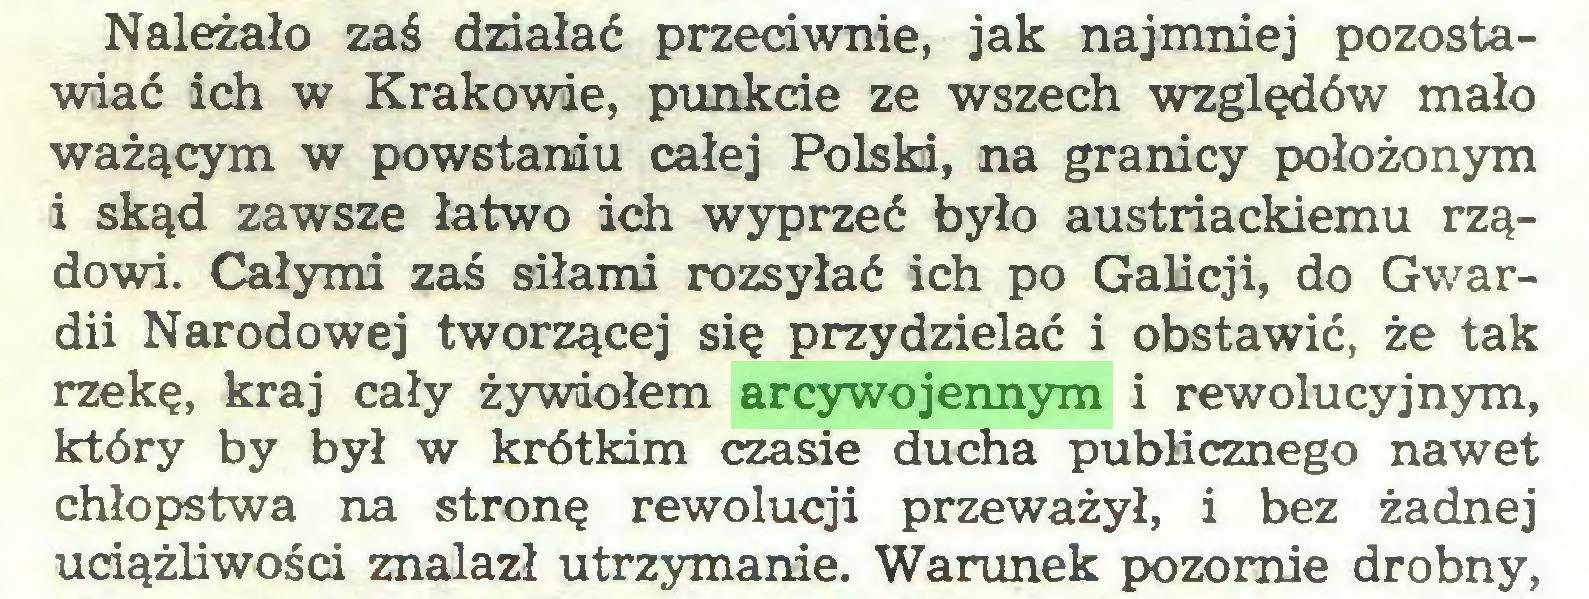 (...) Należało zaś działać przeciwnie, jak najmniej pozostawiać ich w Krakowie, punkcie ze wszech względów mało ważącym w powstaniu całej Polski, na granicy położonym i skąd zawsze łatwo ich wyprzeć było austriackiemu rządowi. Całymi zaś siłami rozsyłać ich po Galicji, do Gwardii Narodowej tworzącej się przydzielać i obstawić, że tak rzekę, kraj cały żywiołem arcywojennym i rewolucyjnym, który by był w krótkim czasie ducha publicznego nawet chłopstwa na stronę rewolucji przeważył, i bez żadnej uciążliwości znalazł utrzymanie. Warunek pozornie drobny,...